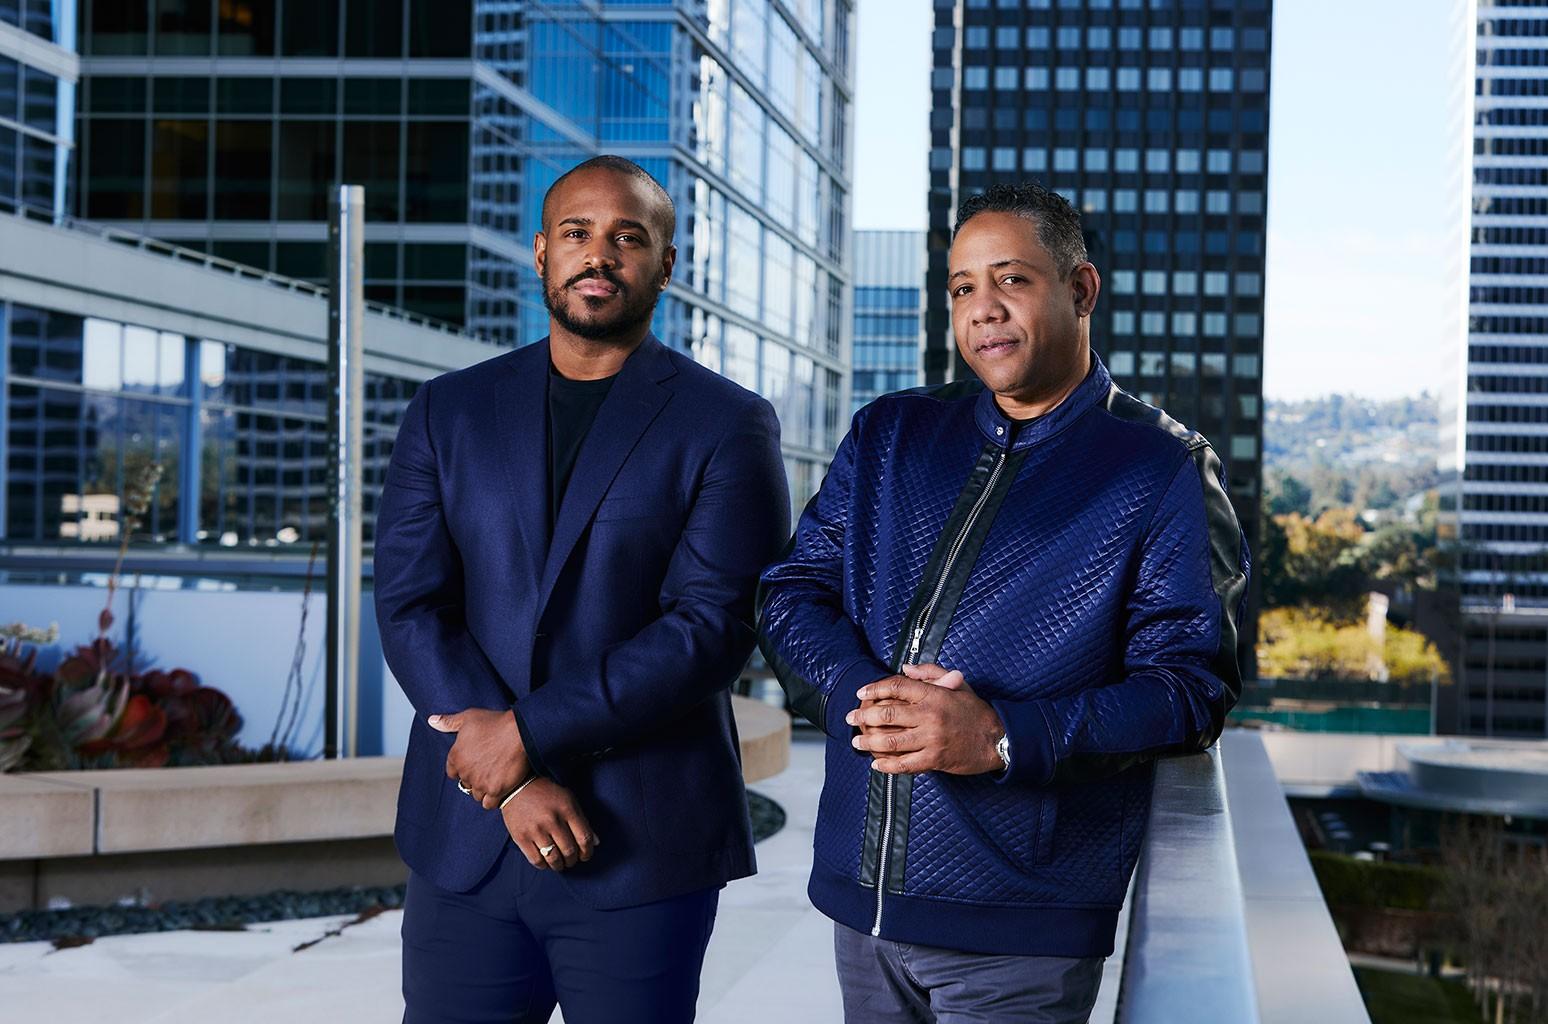 Агентство Creative Artist назвало Джо Хэдли и Марка Читема со-руководителями Global Hip-Hop / R&B